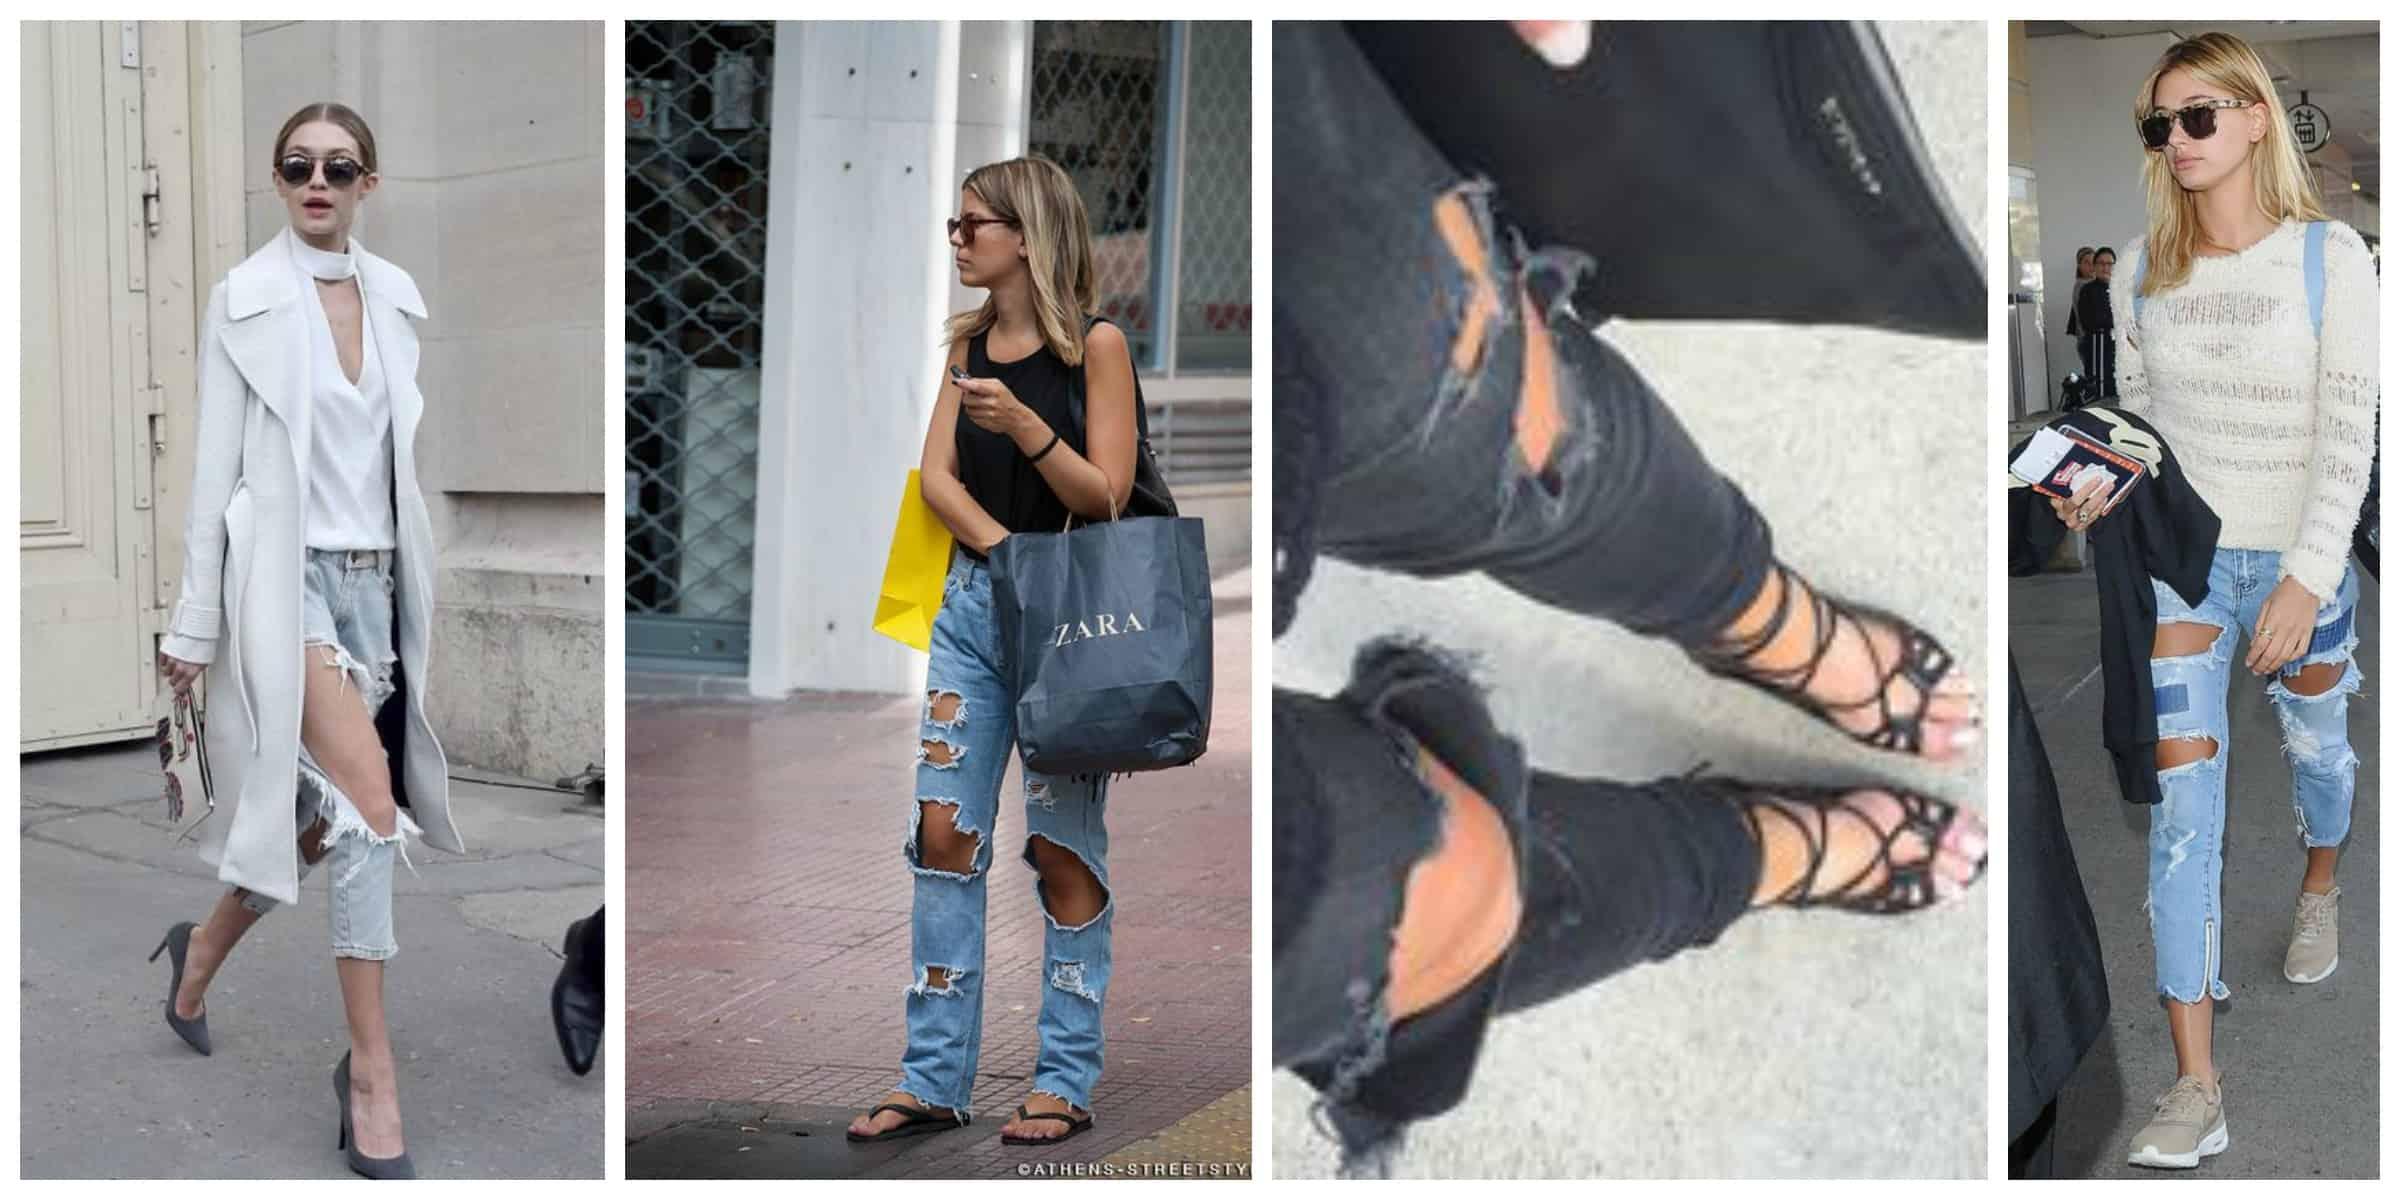 shredded-jeans